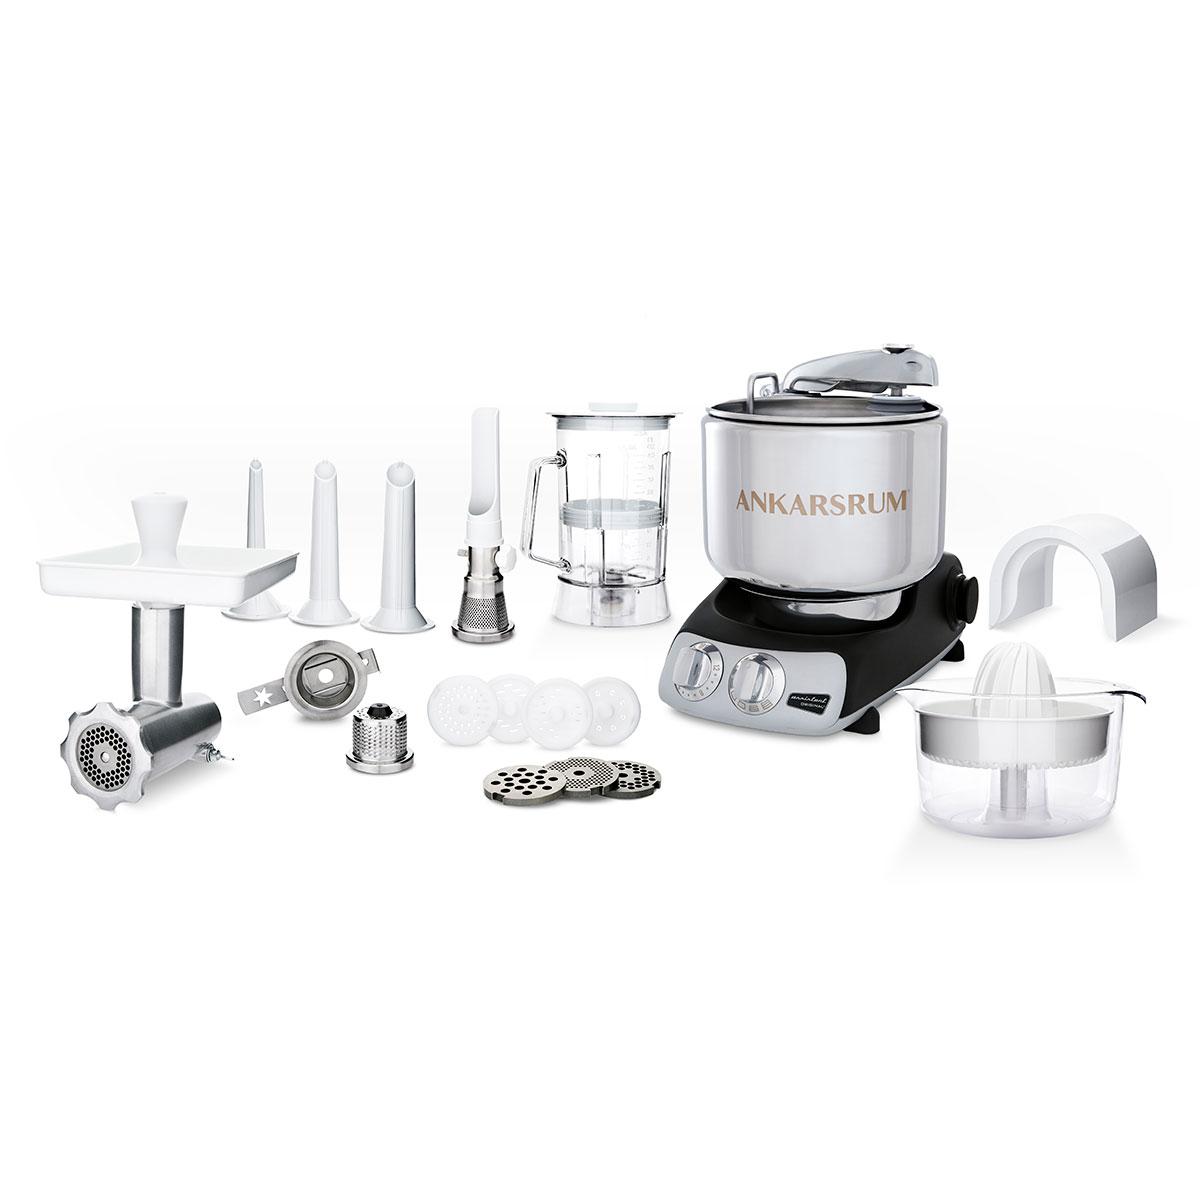 Image of   Ankarsrum køkkenmaskine - Assistent Original 6290B Deluxe - Matsort